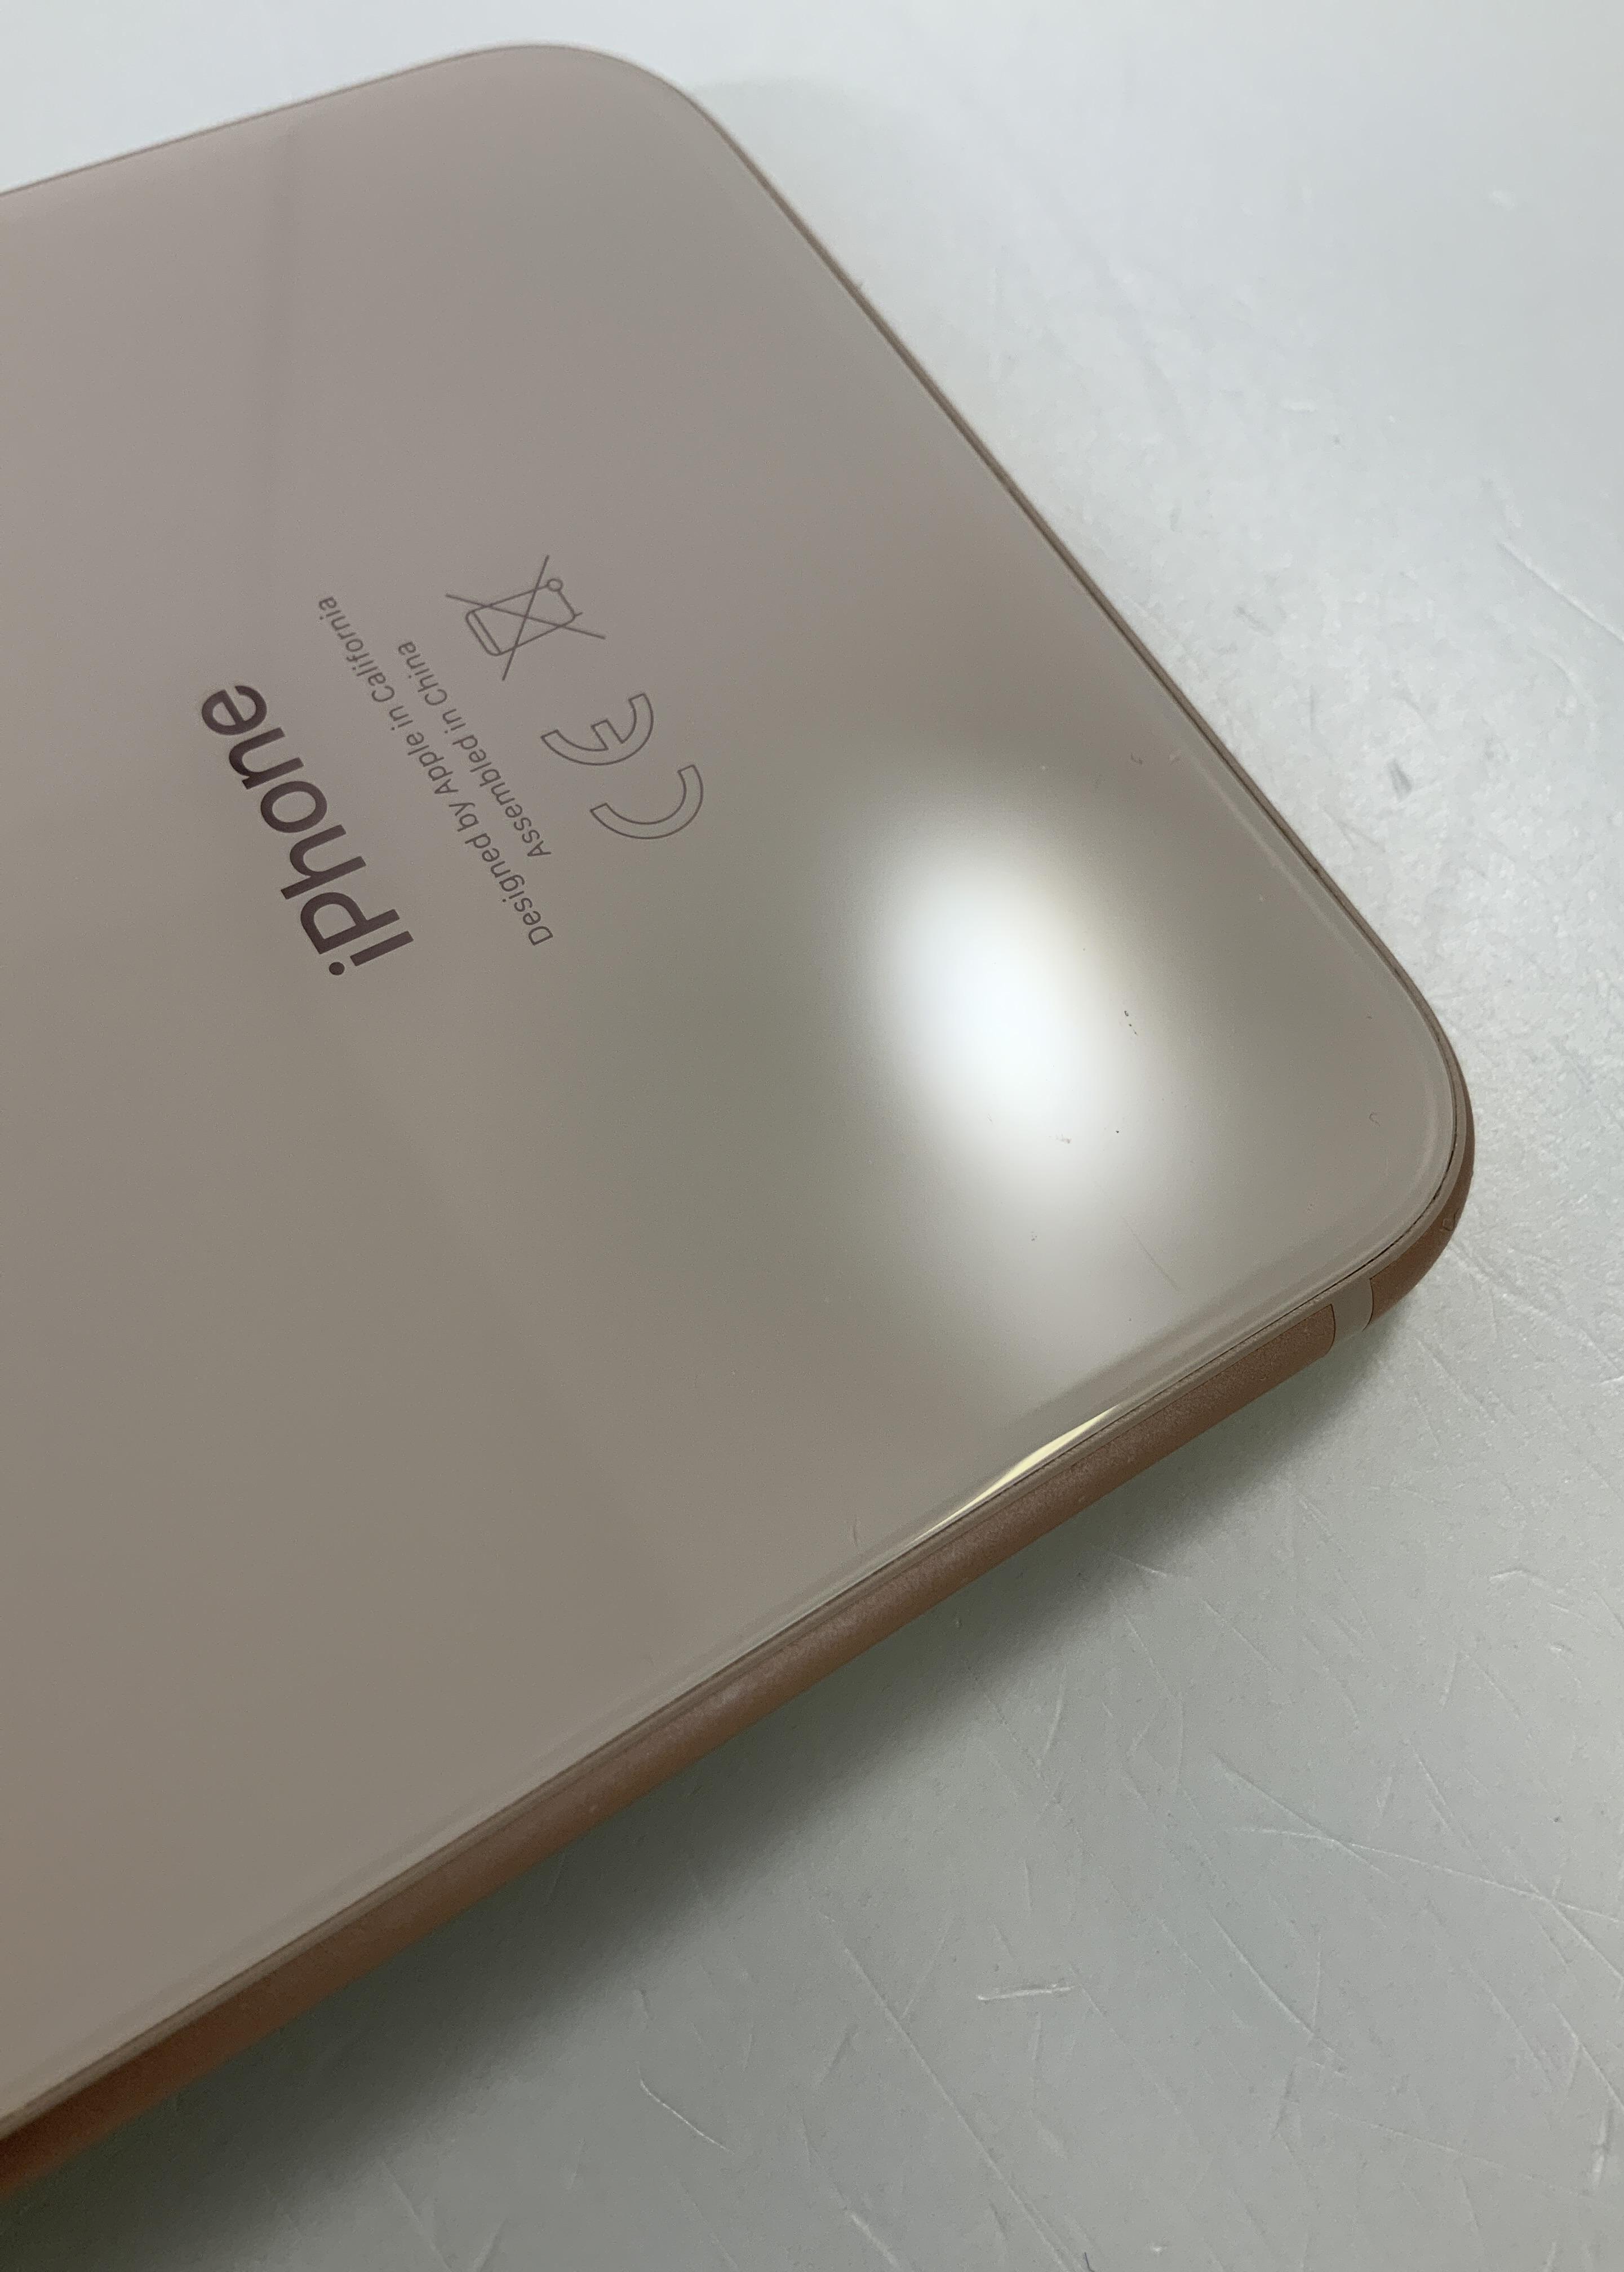 iPhone 8 Plus 64GB, 64GB, Gold, imagen 4